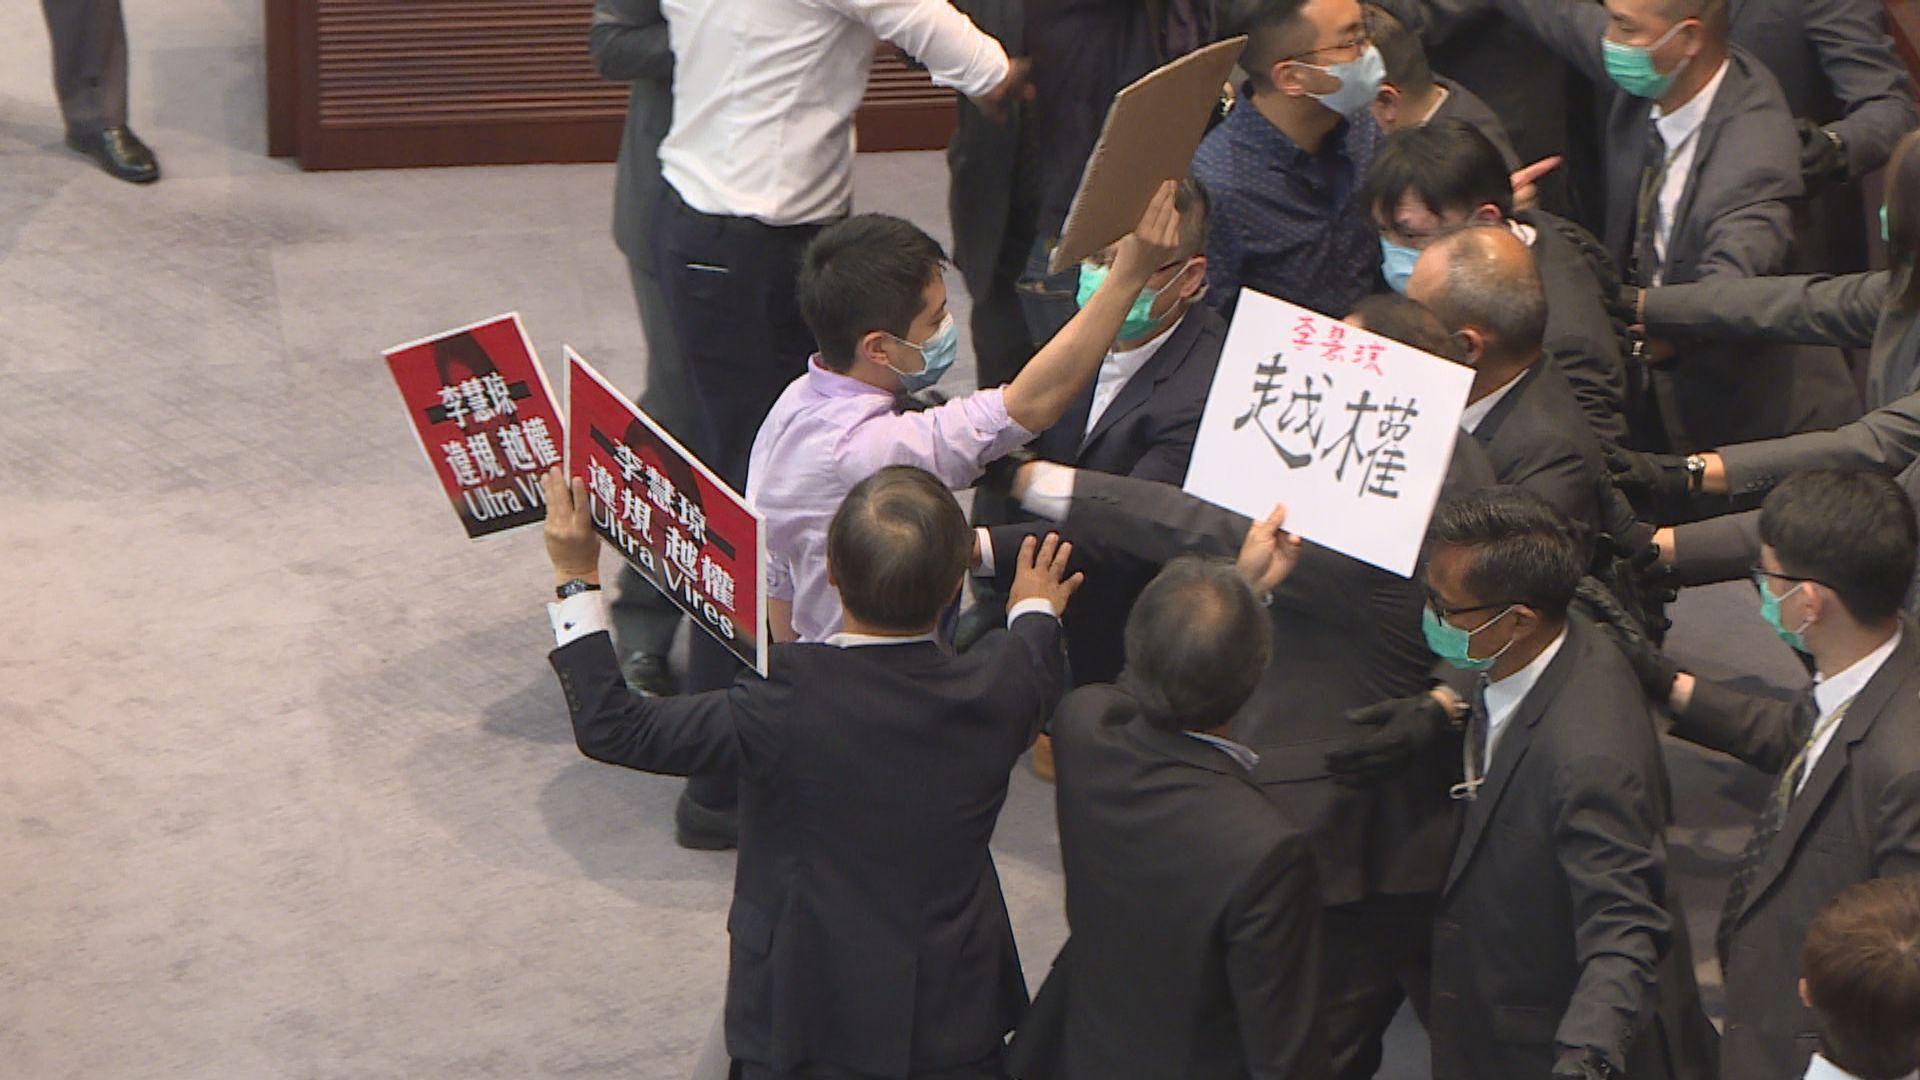 消息:許智峯同在拘捕名單上 但警方未能聯絡他